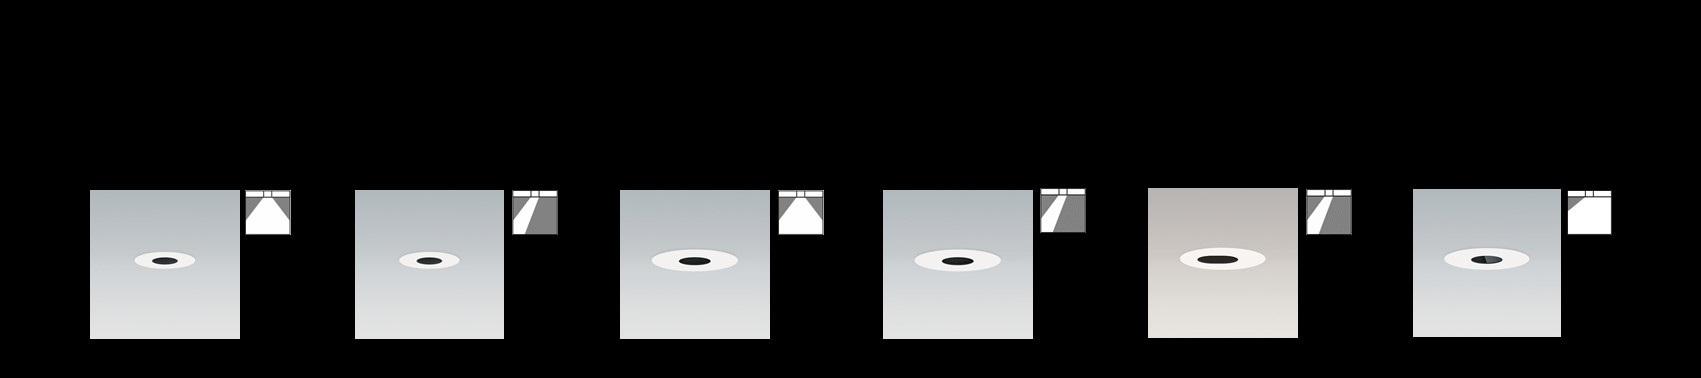 2.afb-header-lucent-lighting-pinhole-zwart-website